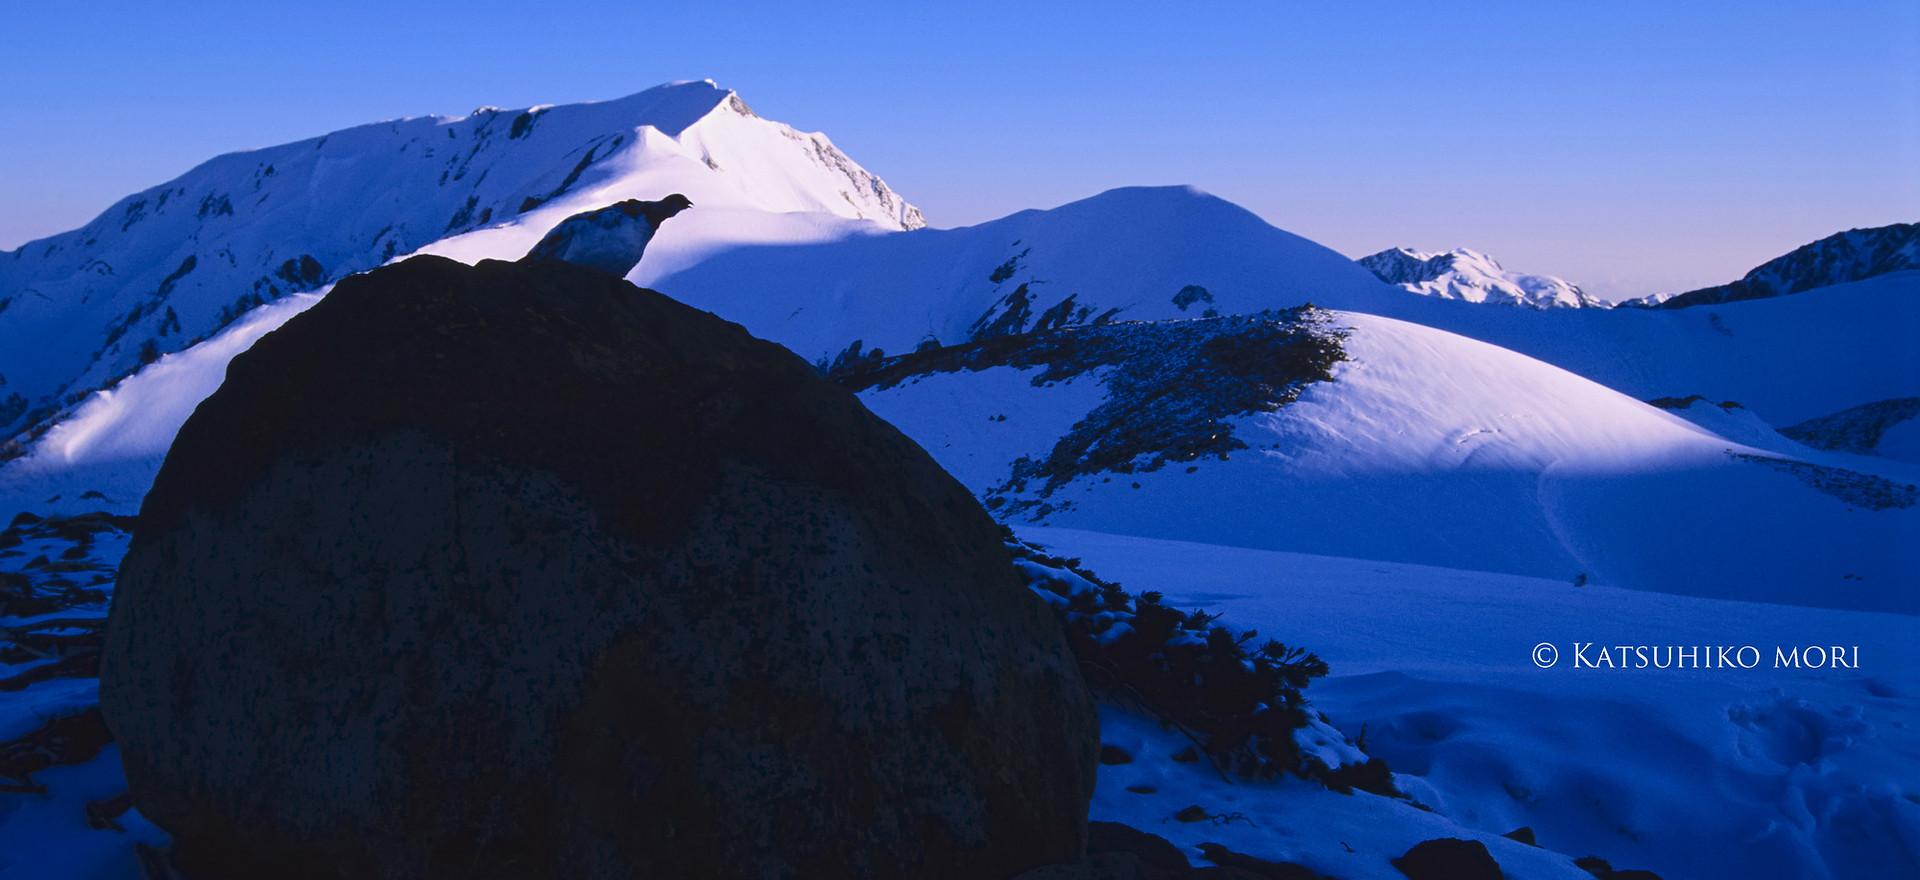 彼の野生の叫びは静寂の中で響き渡り、白き峰々も沈黙から覚醒する